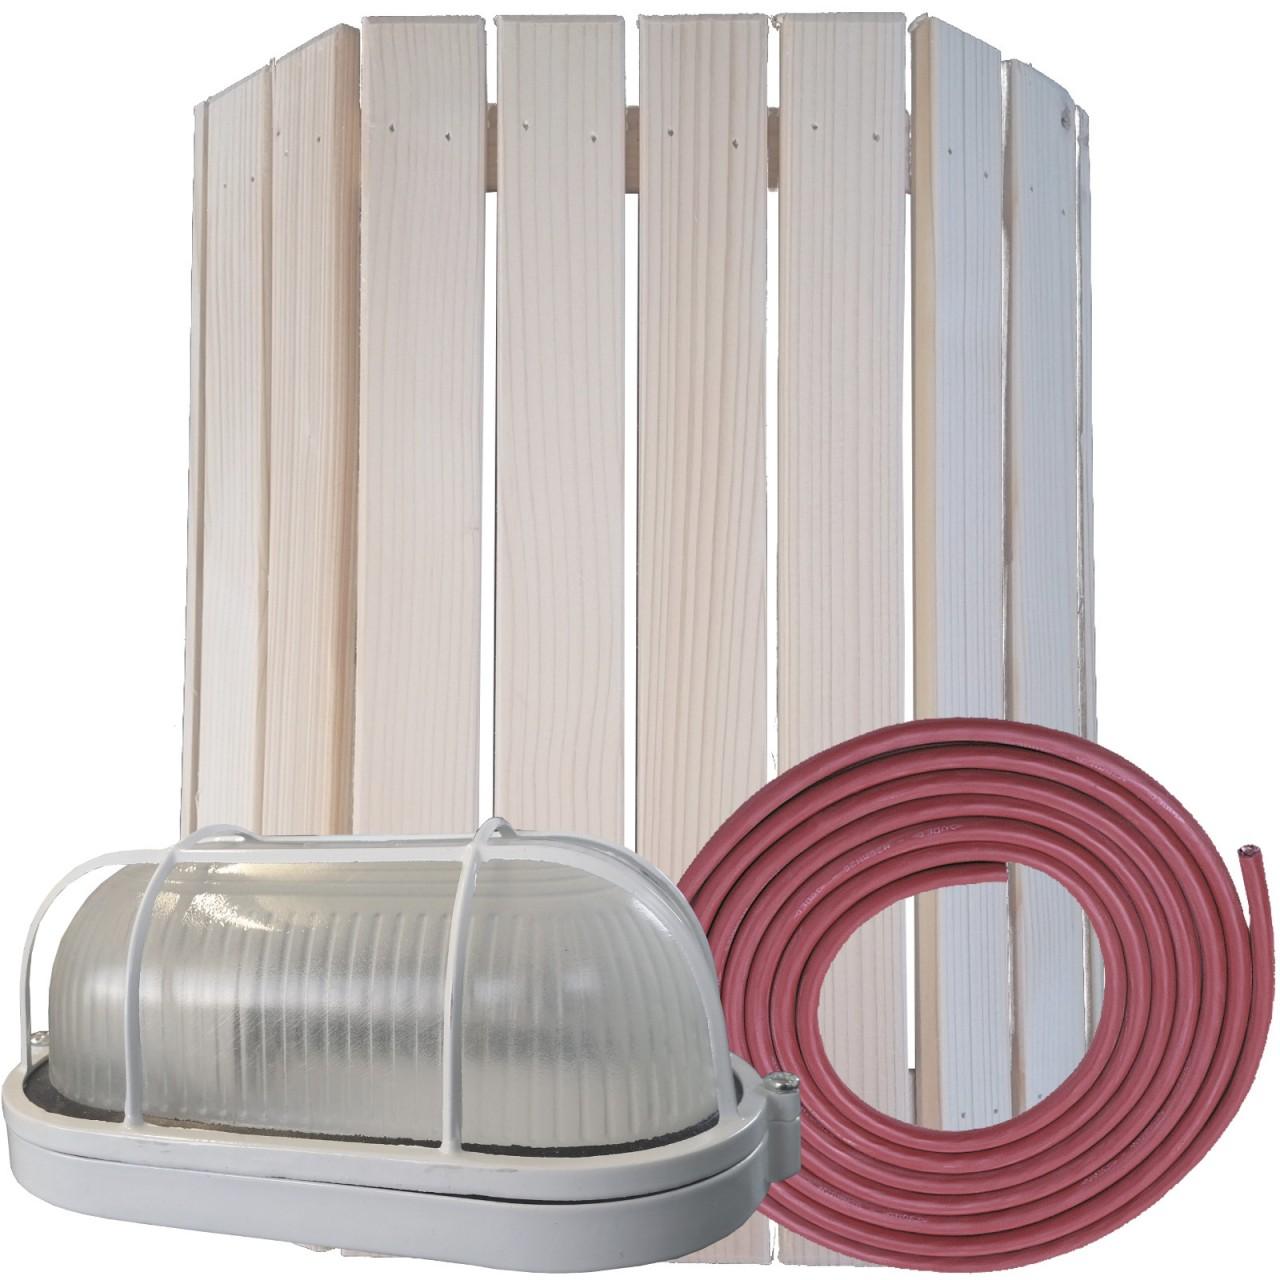 lampen fassung mit kabel preisvergleich die besten angebote online kaufen. Black Bedroom Furniture Sets. Home Design Ideas